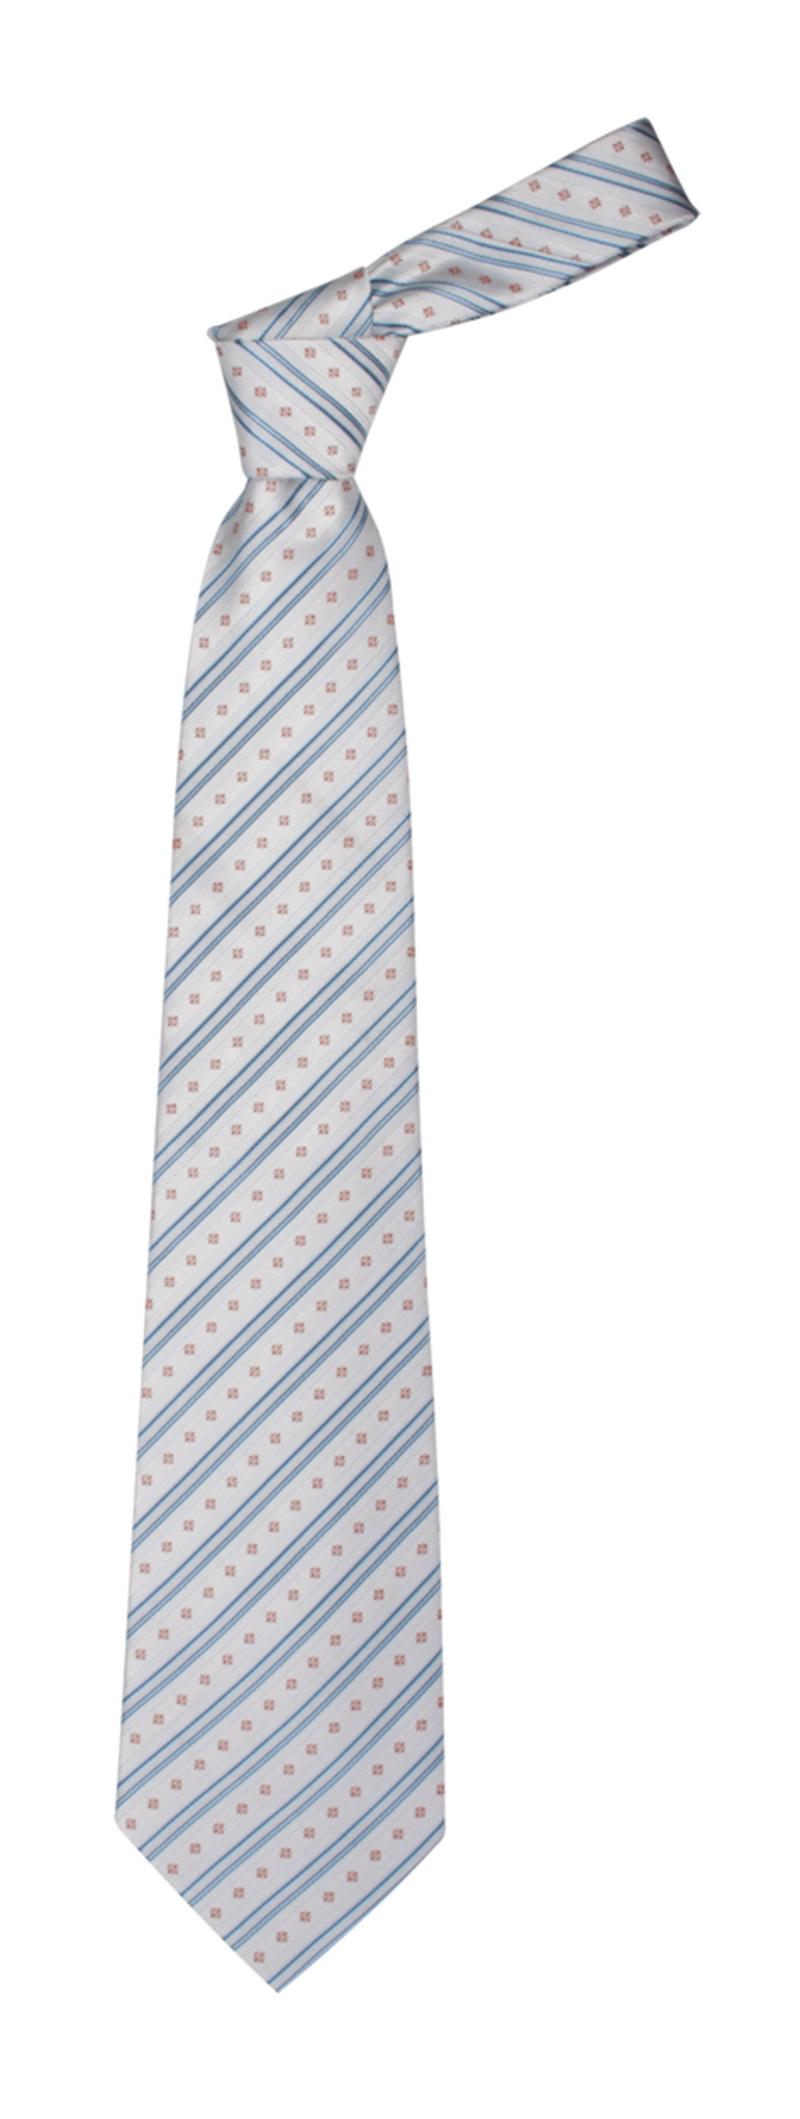 Lanes necktie